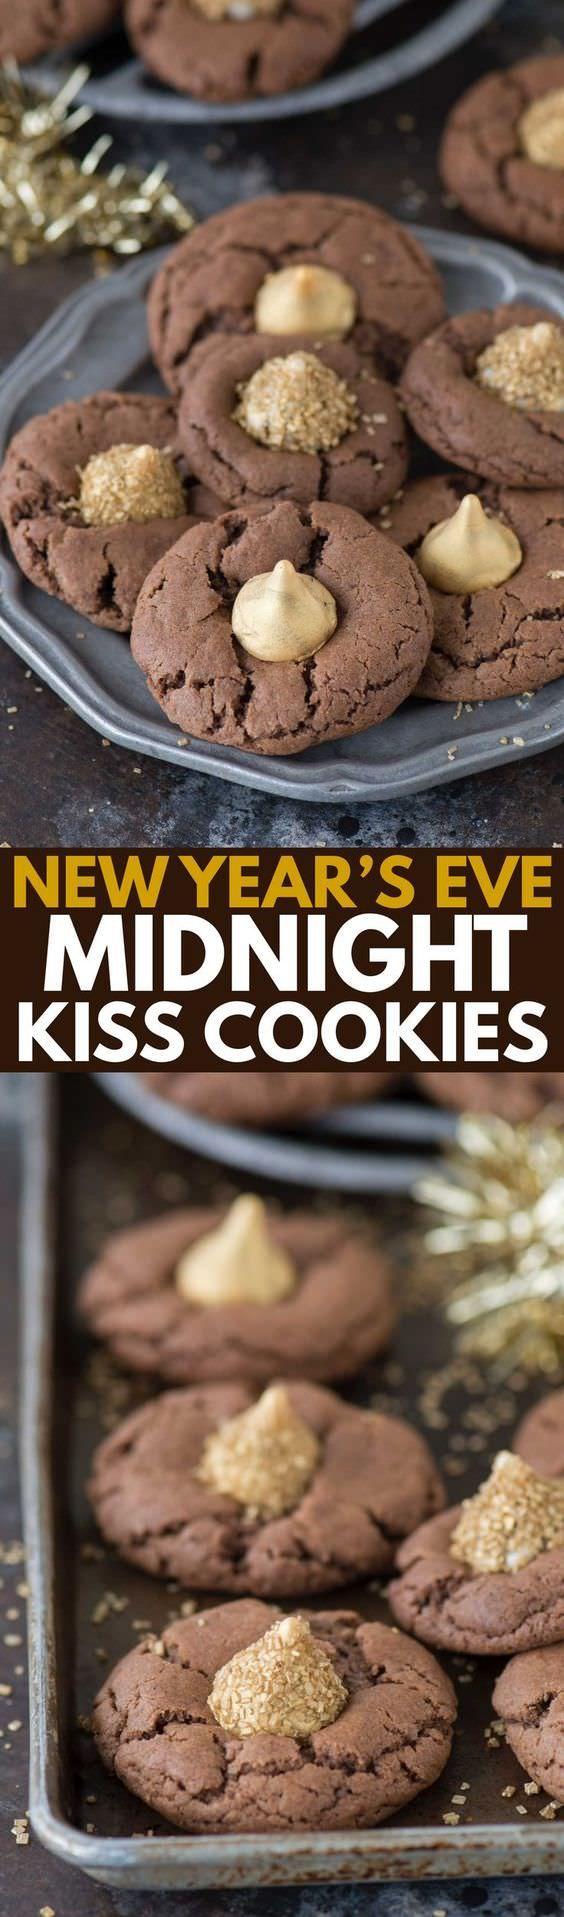 Midnight Kiss Cookies